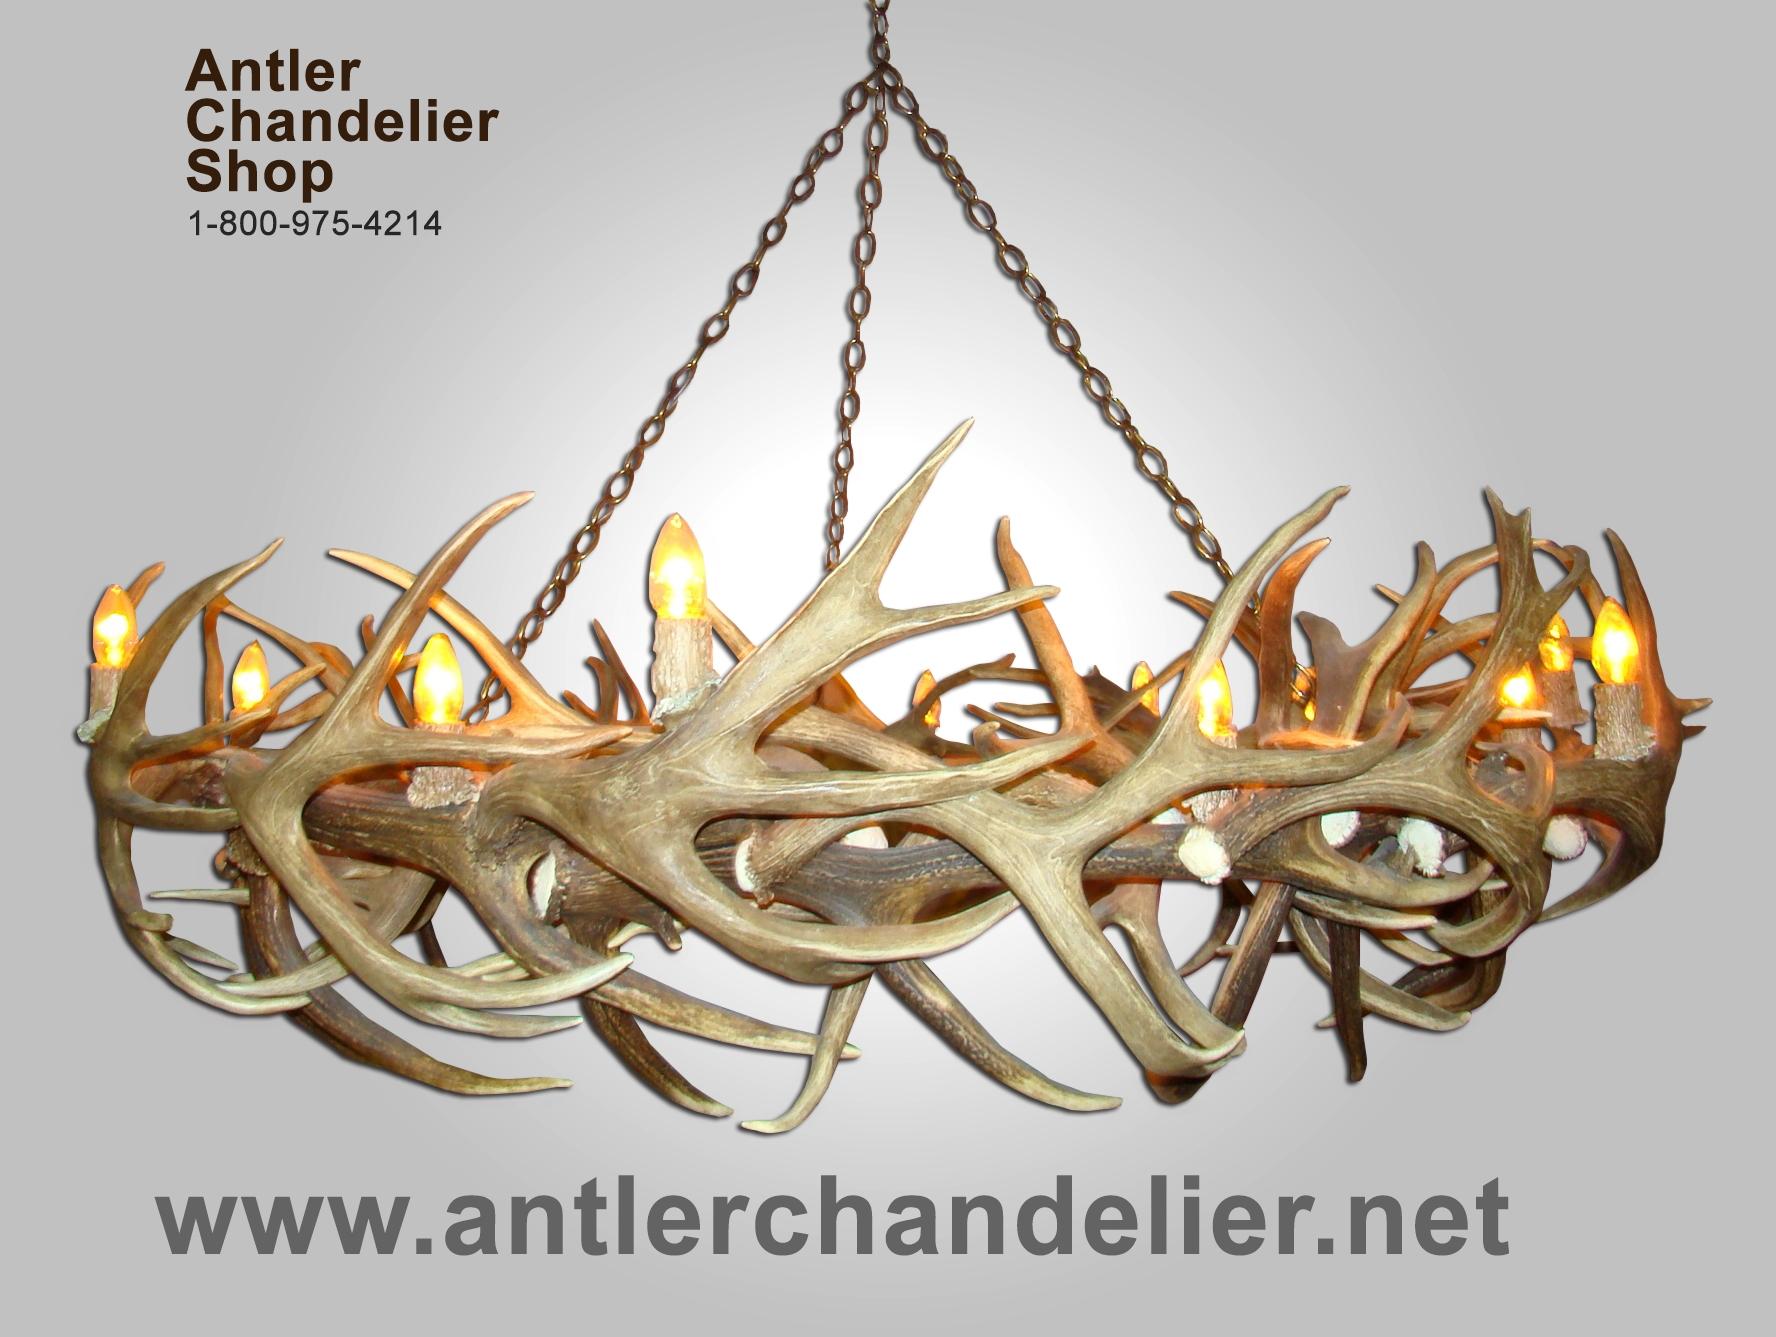 Deerantlerchandelier Xl Antler Chandeliers Antler Chandelier In Antler Chandeliers And Lighting (#6 of 12)